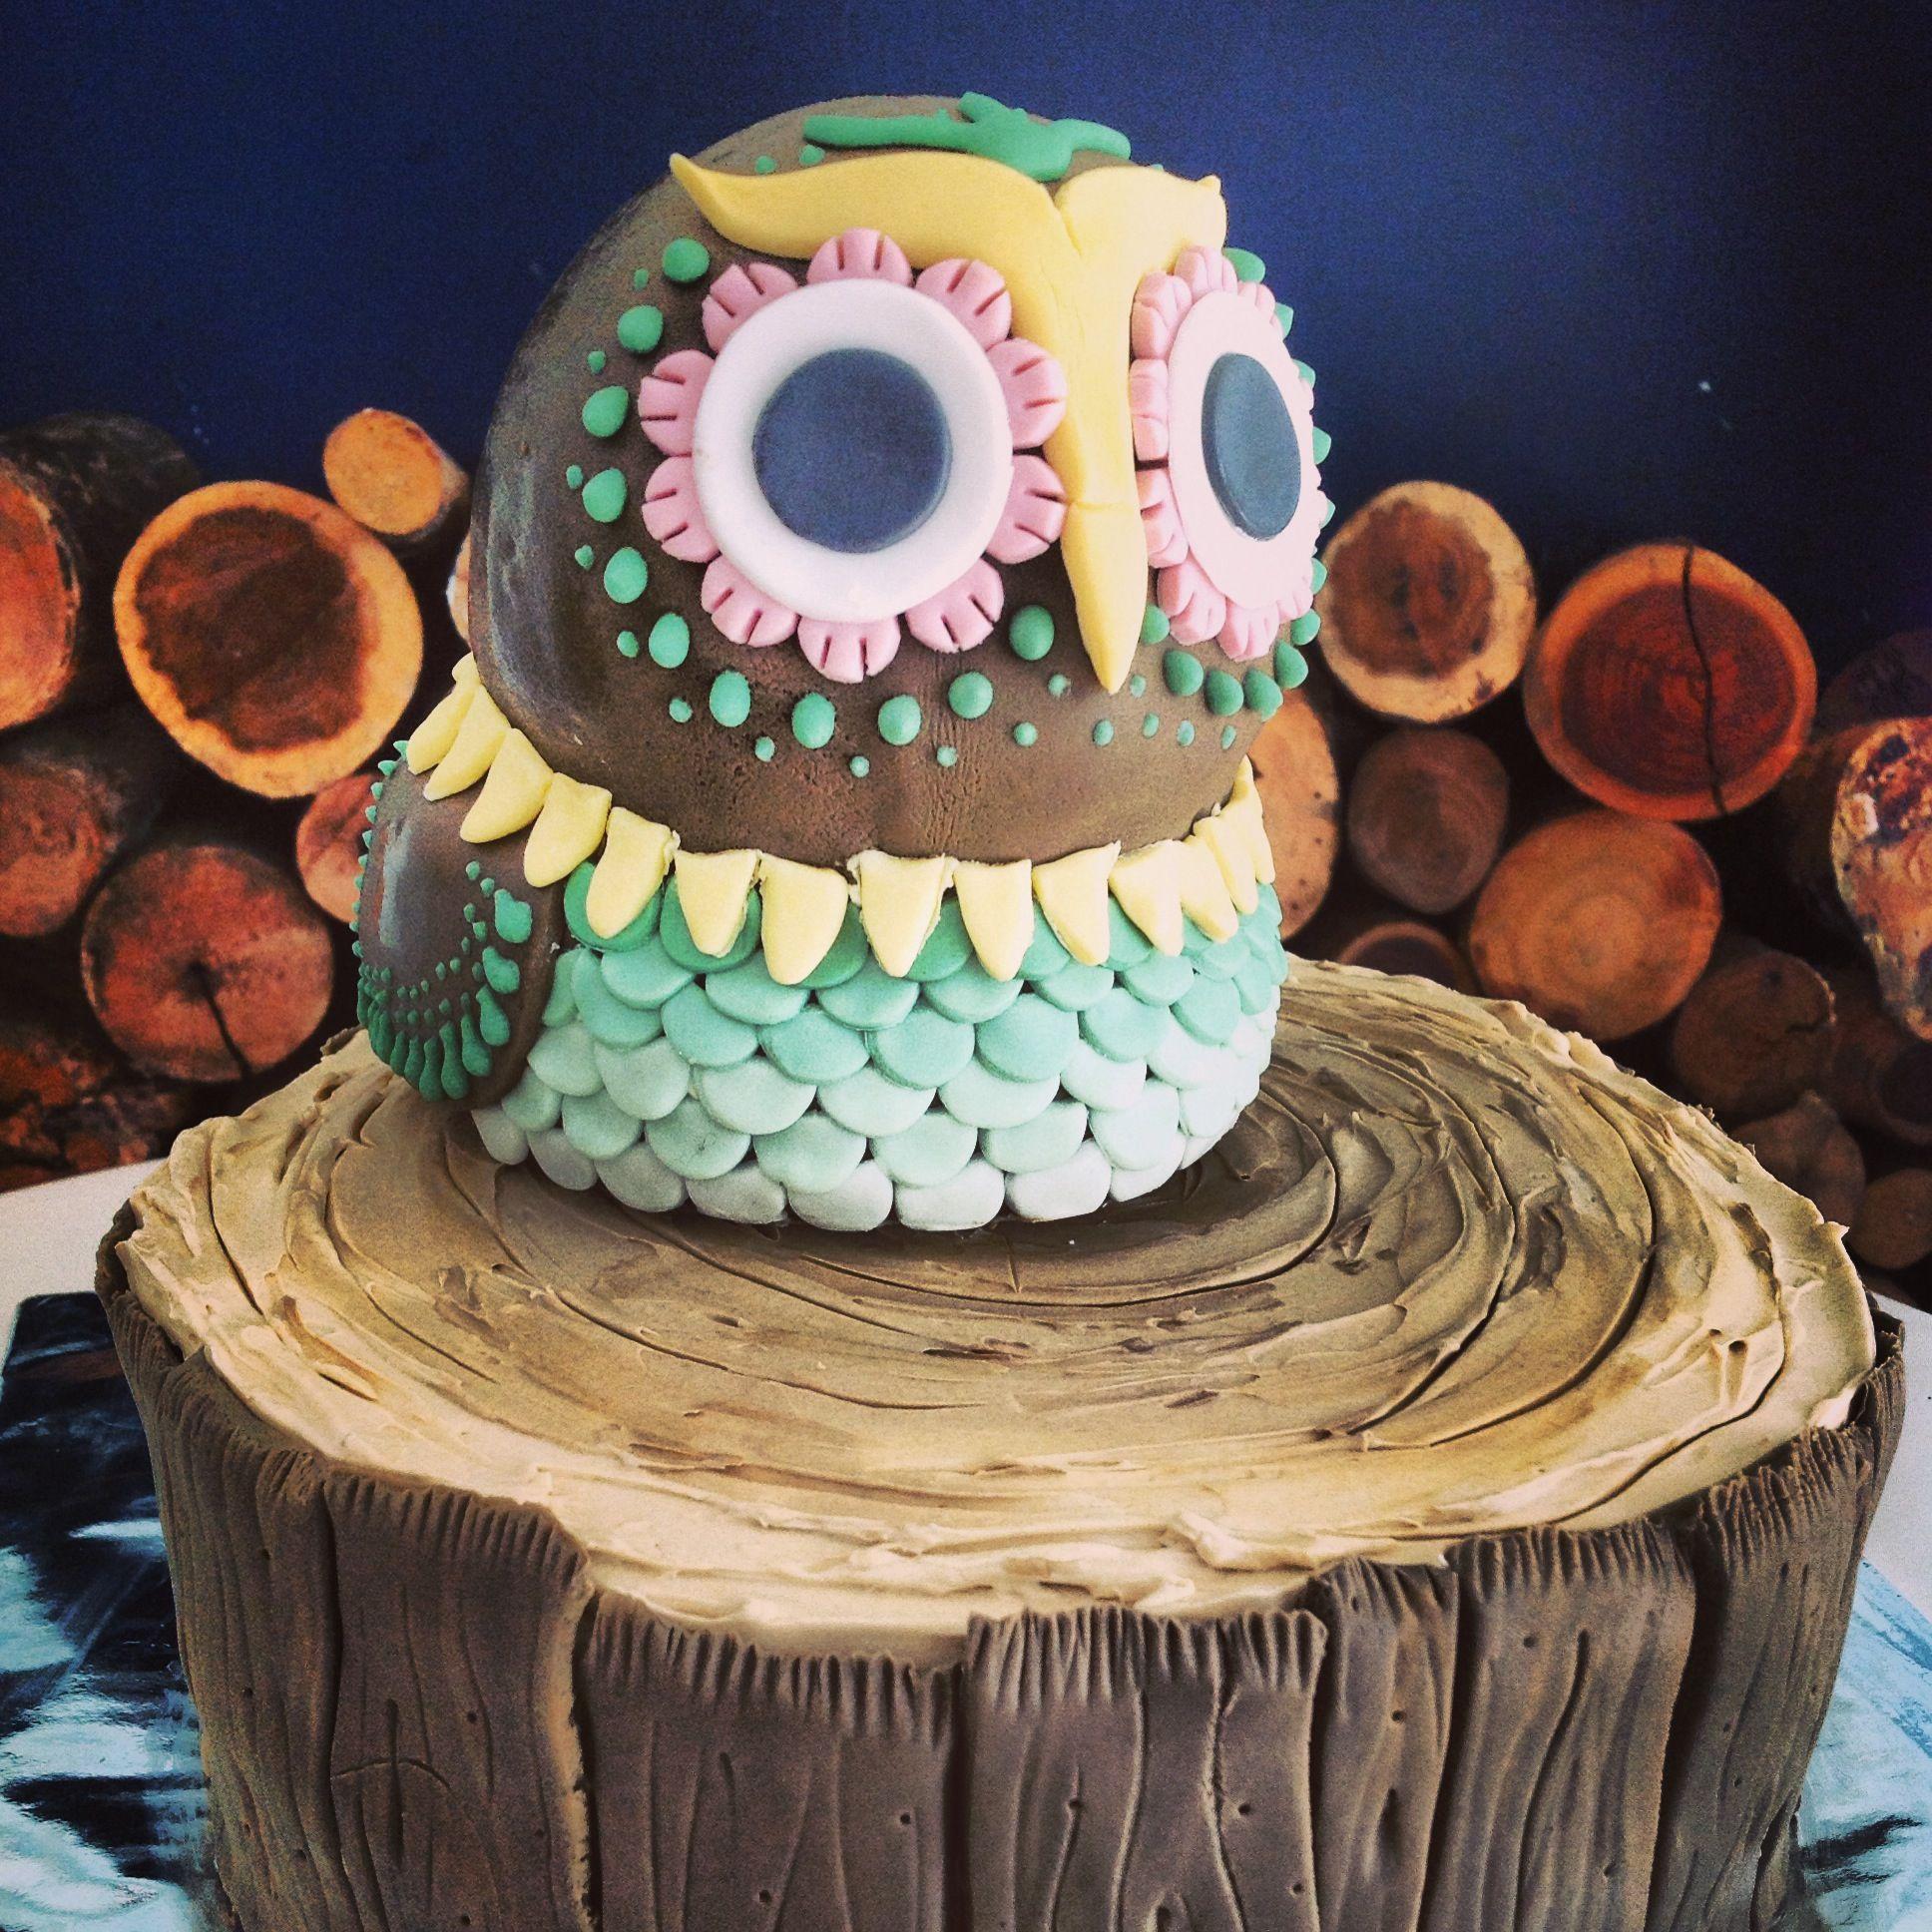 hoot! owl cake.